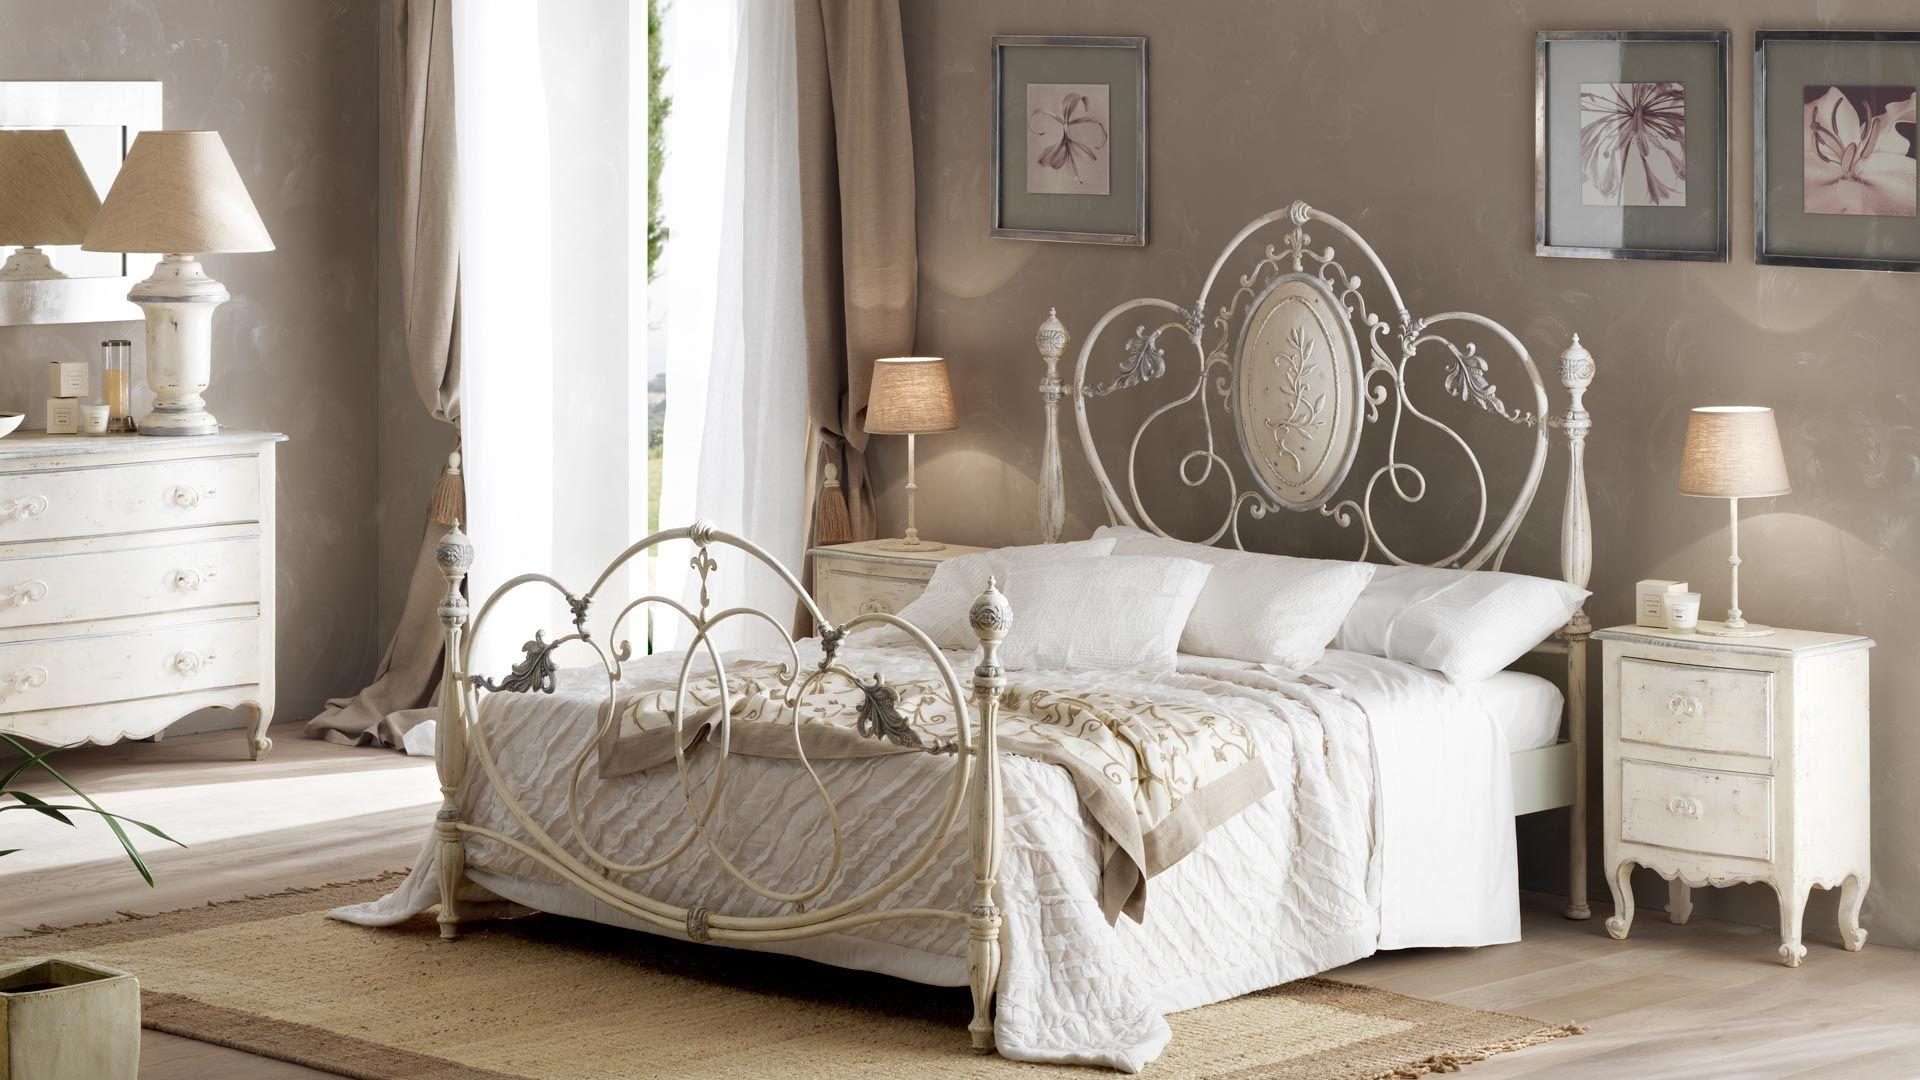 Cantori Camere Da Letto.Bedroom Cantori Casa Idee Arredamento Letti Imbottiti E